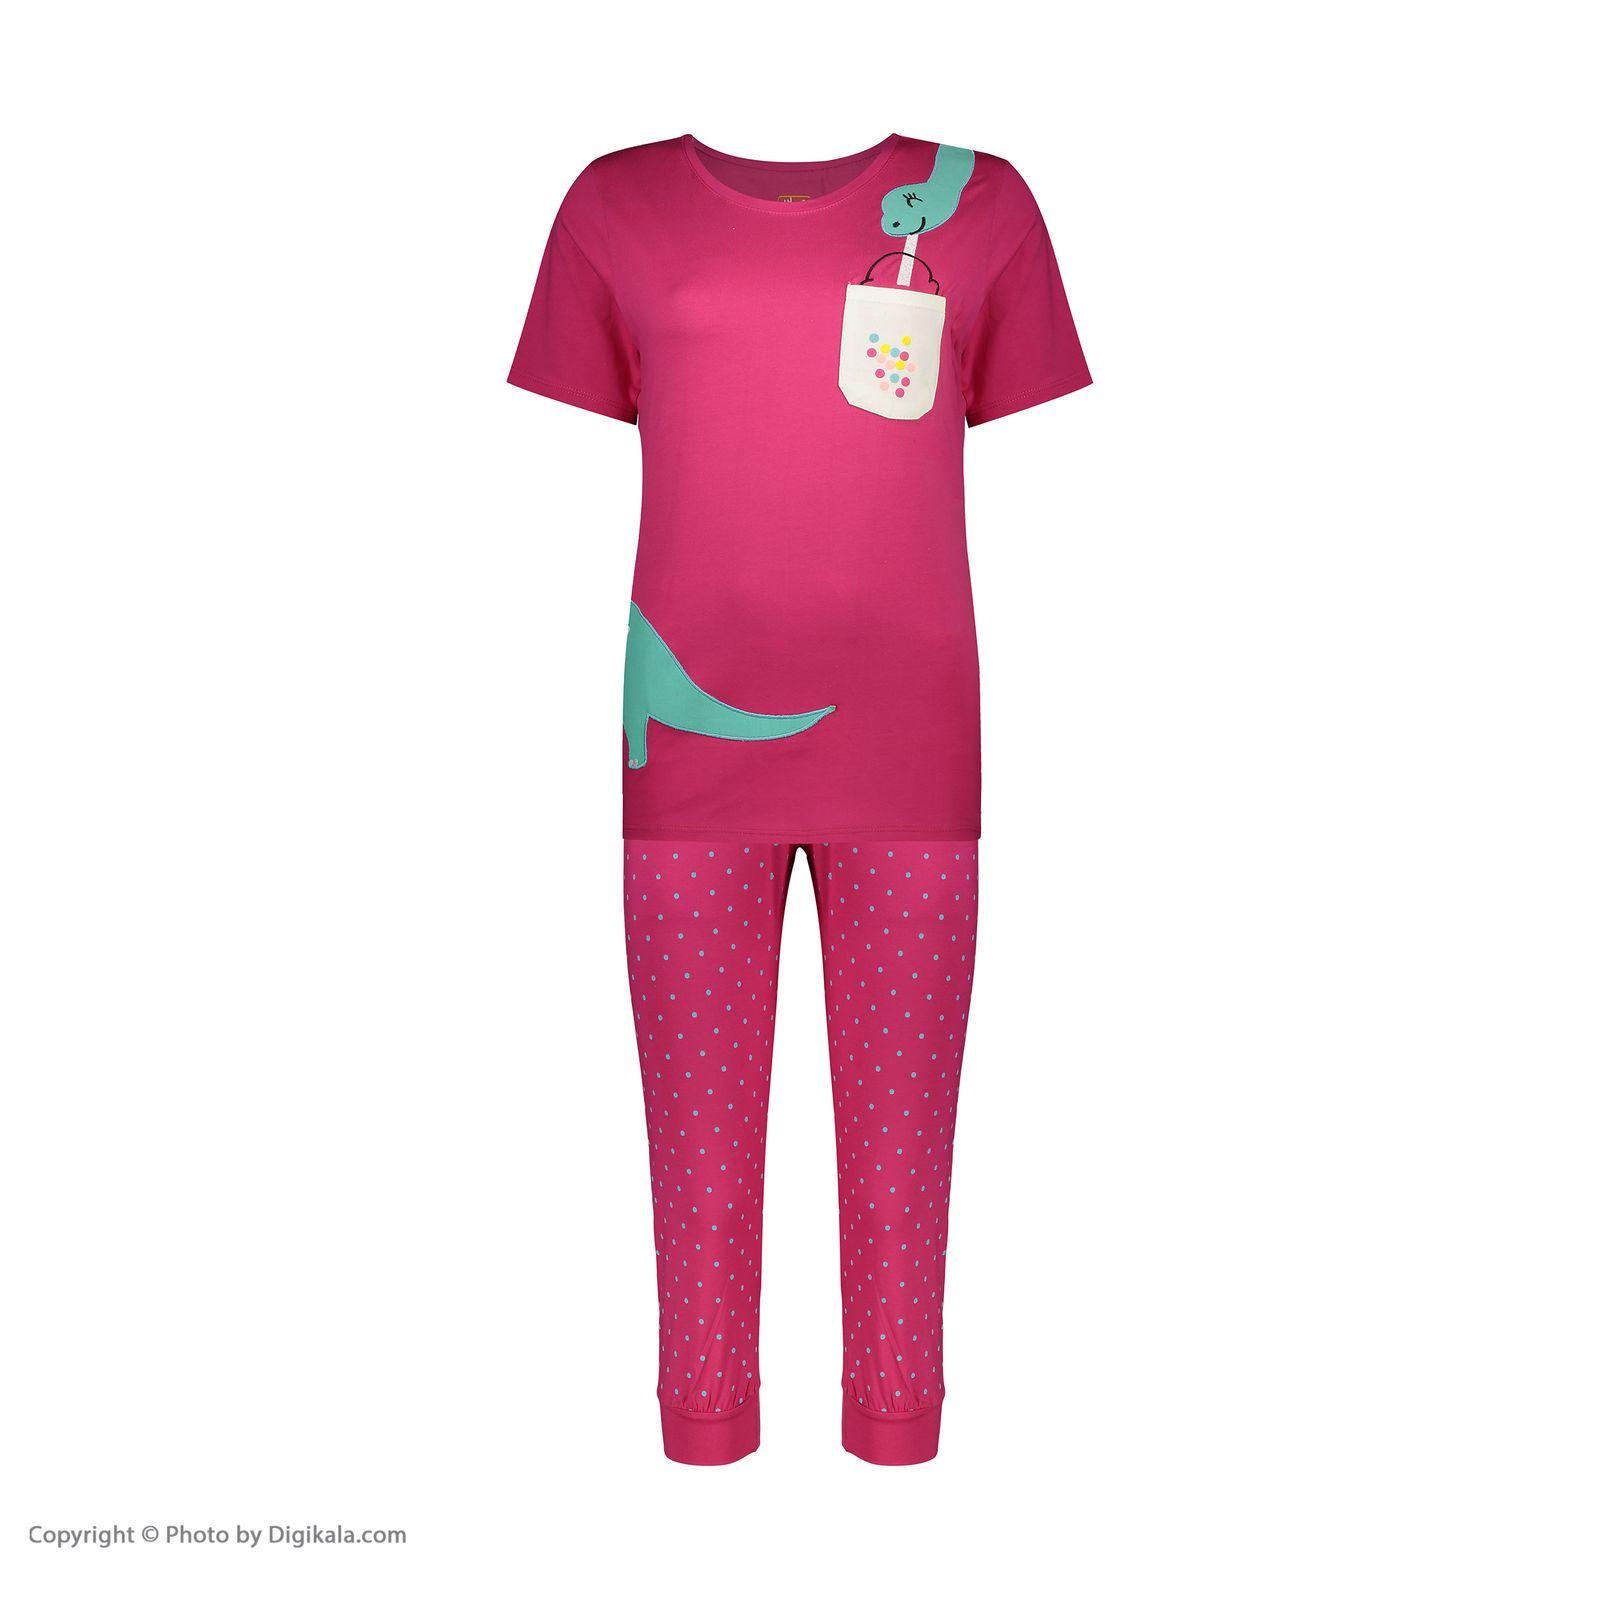 ست تی شرت و شلوارک راحتی زنانه مادر مدل 2041100-66 -  - 3